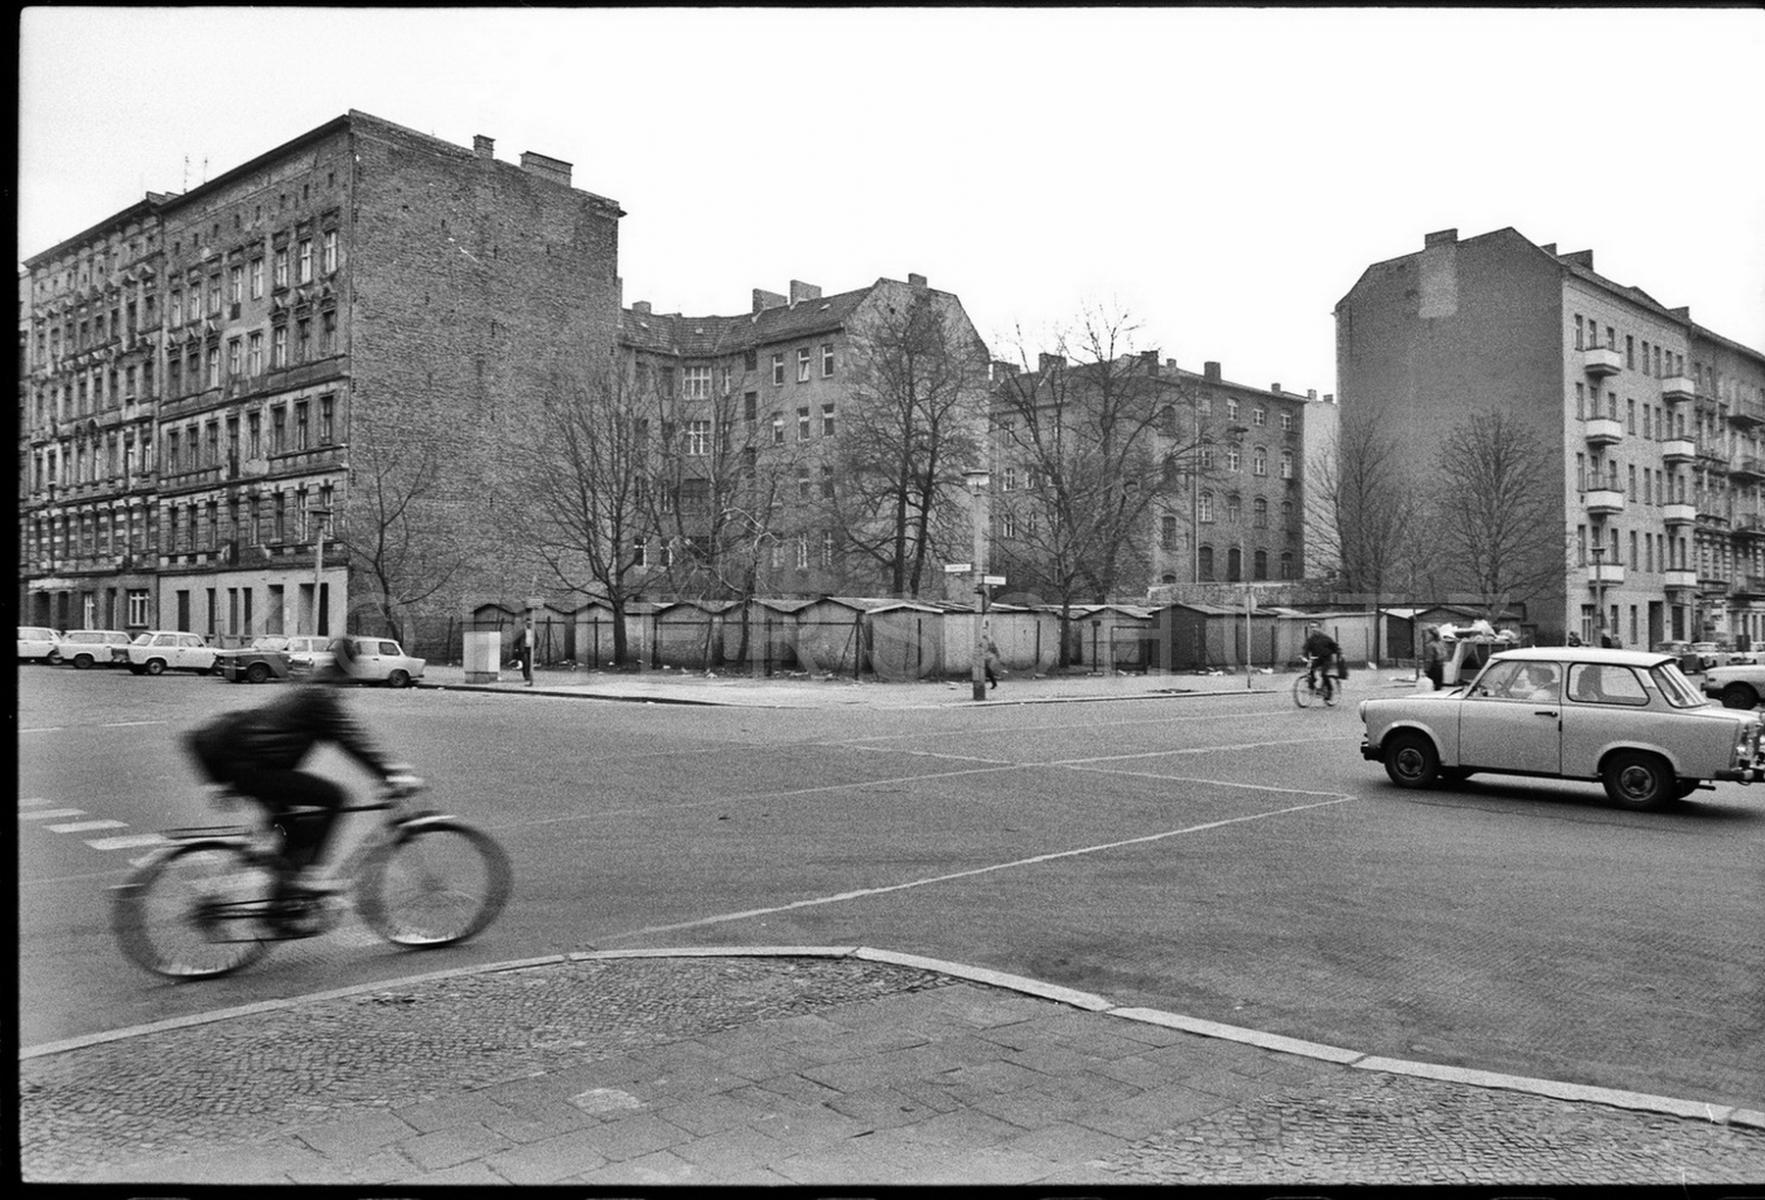 Nr02-099_Stargarderstraße-Dunkerstraße_14.3.1989